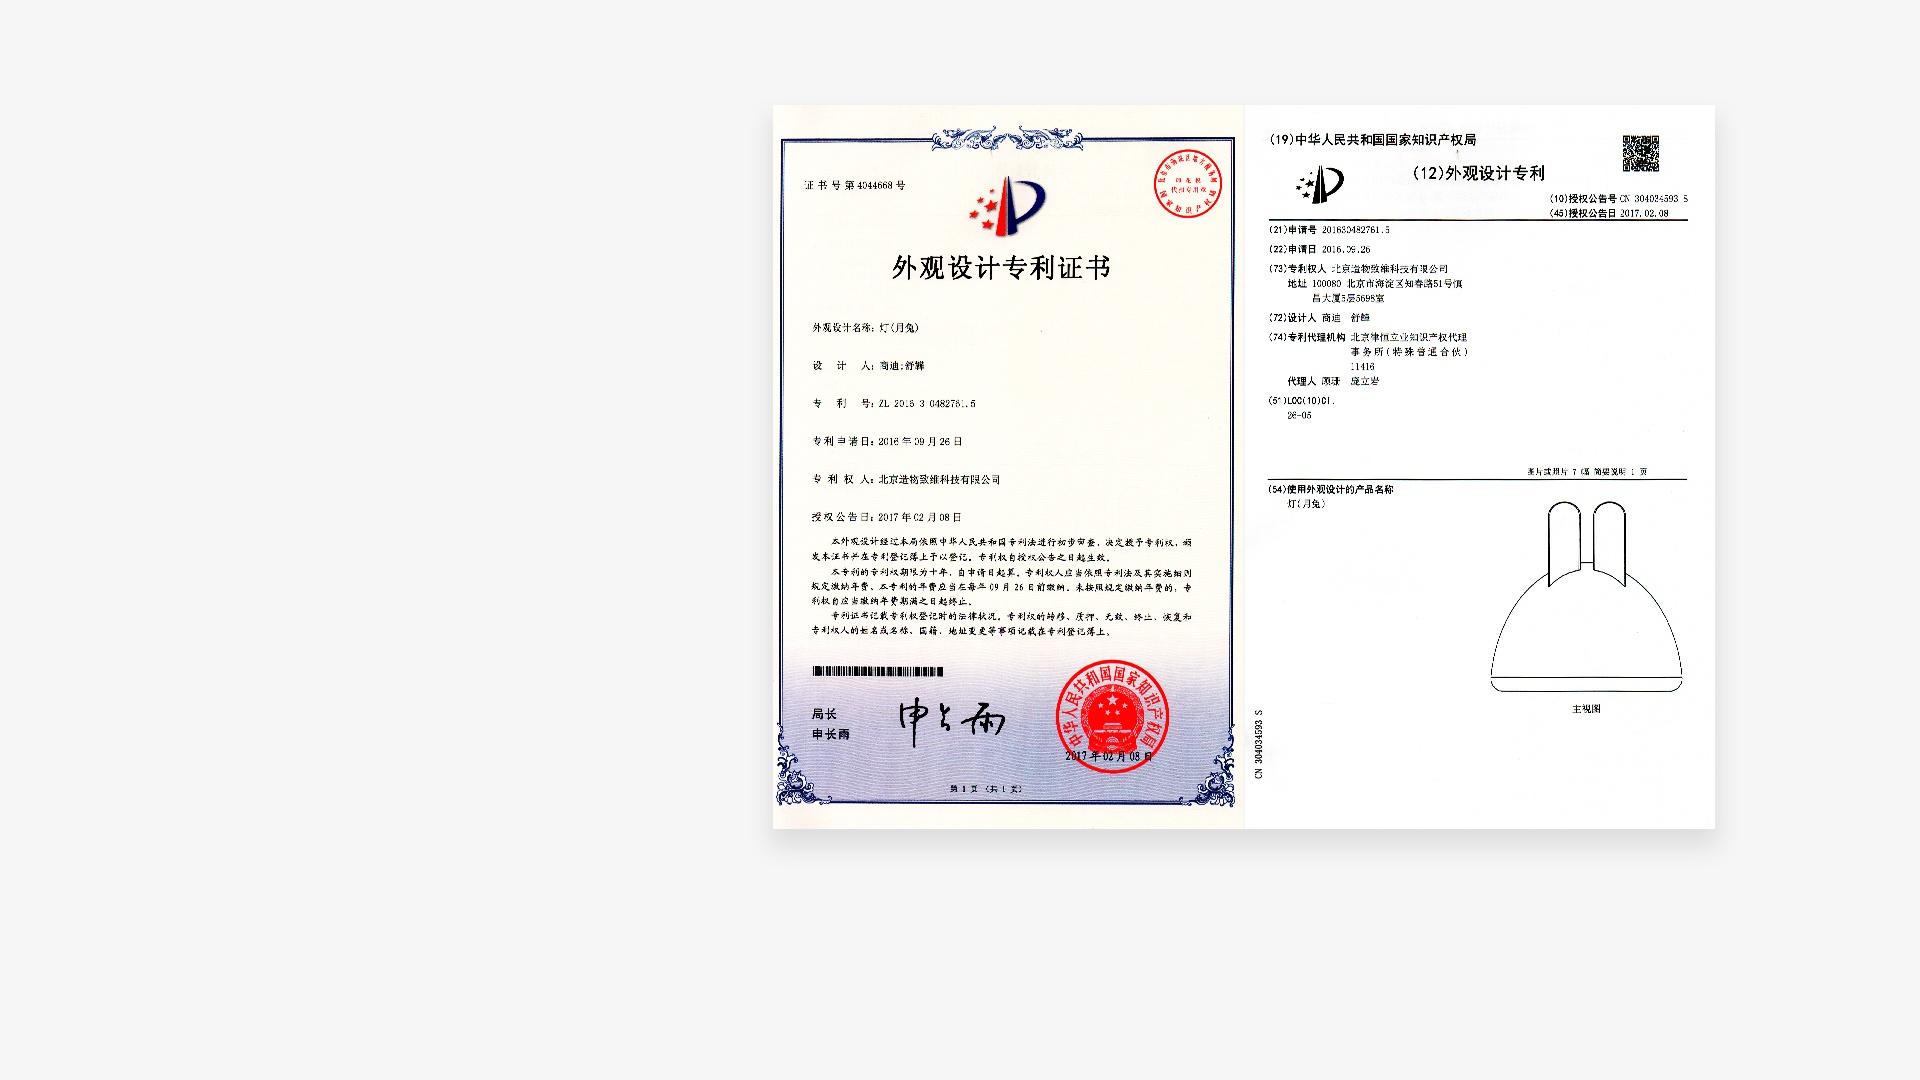 独创外观设计<br/>国家专利授权